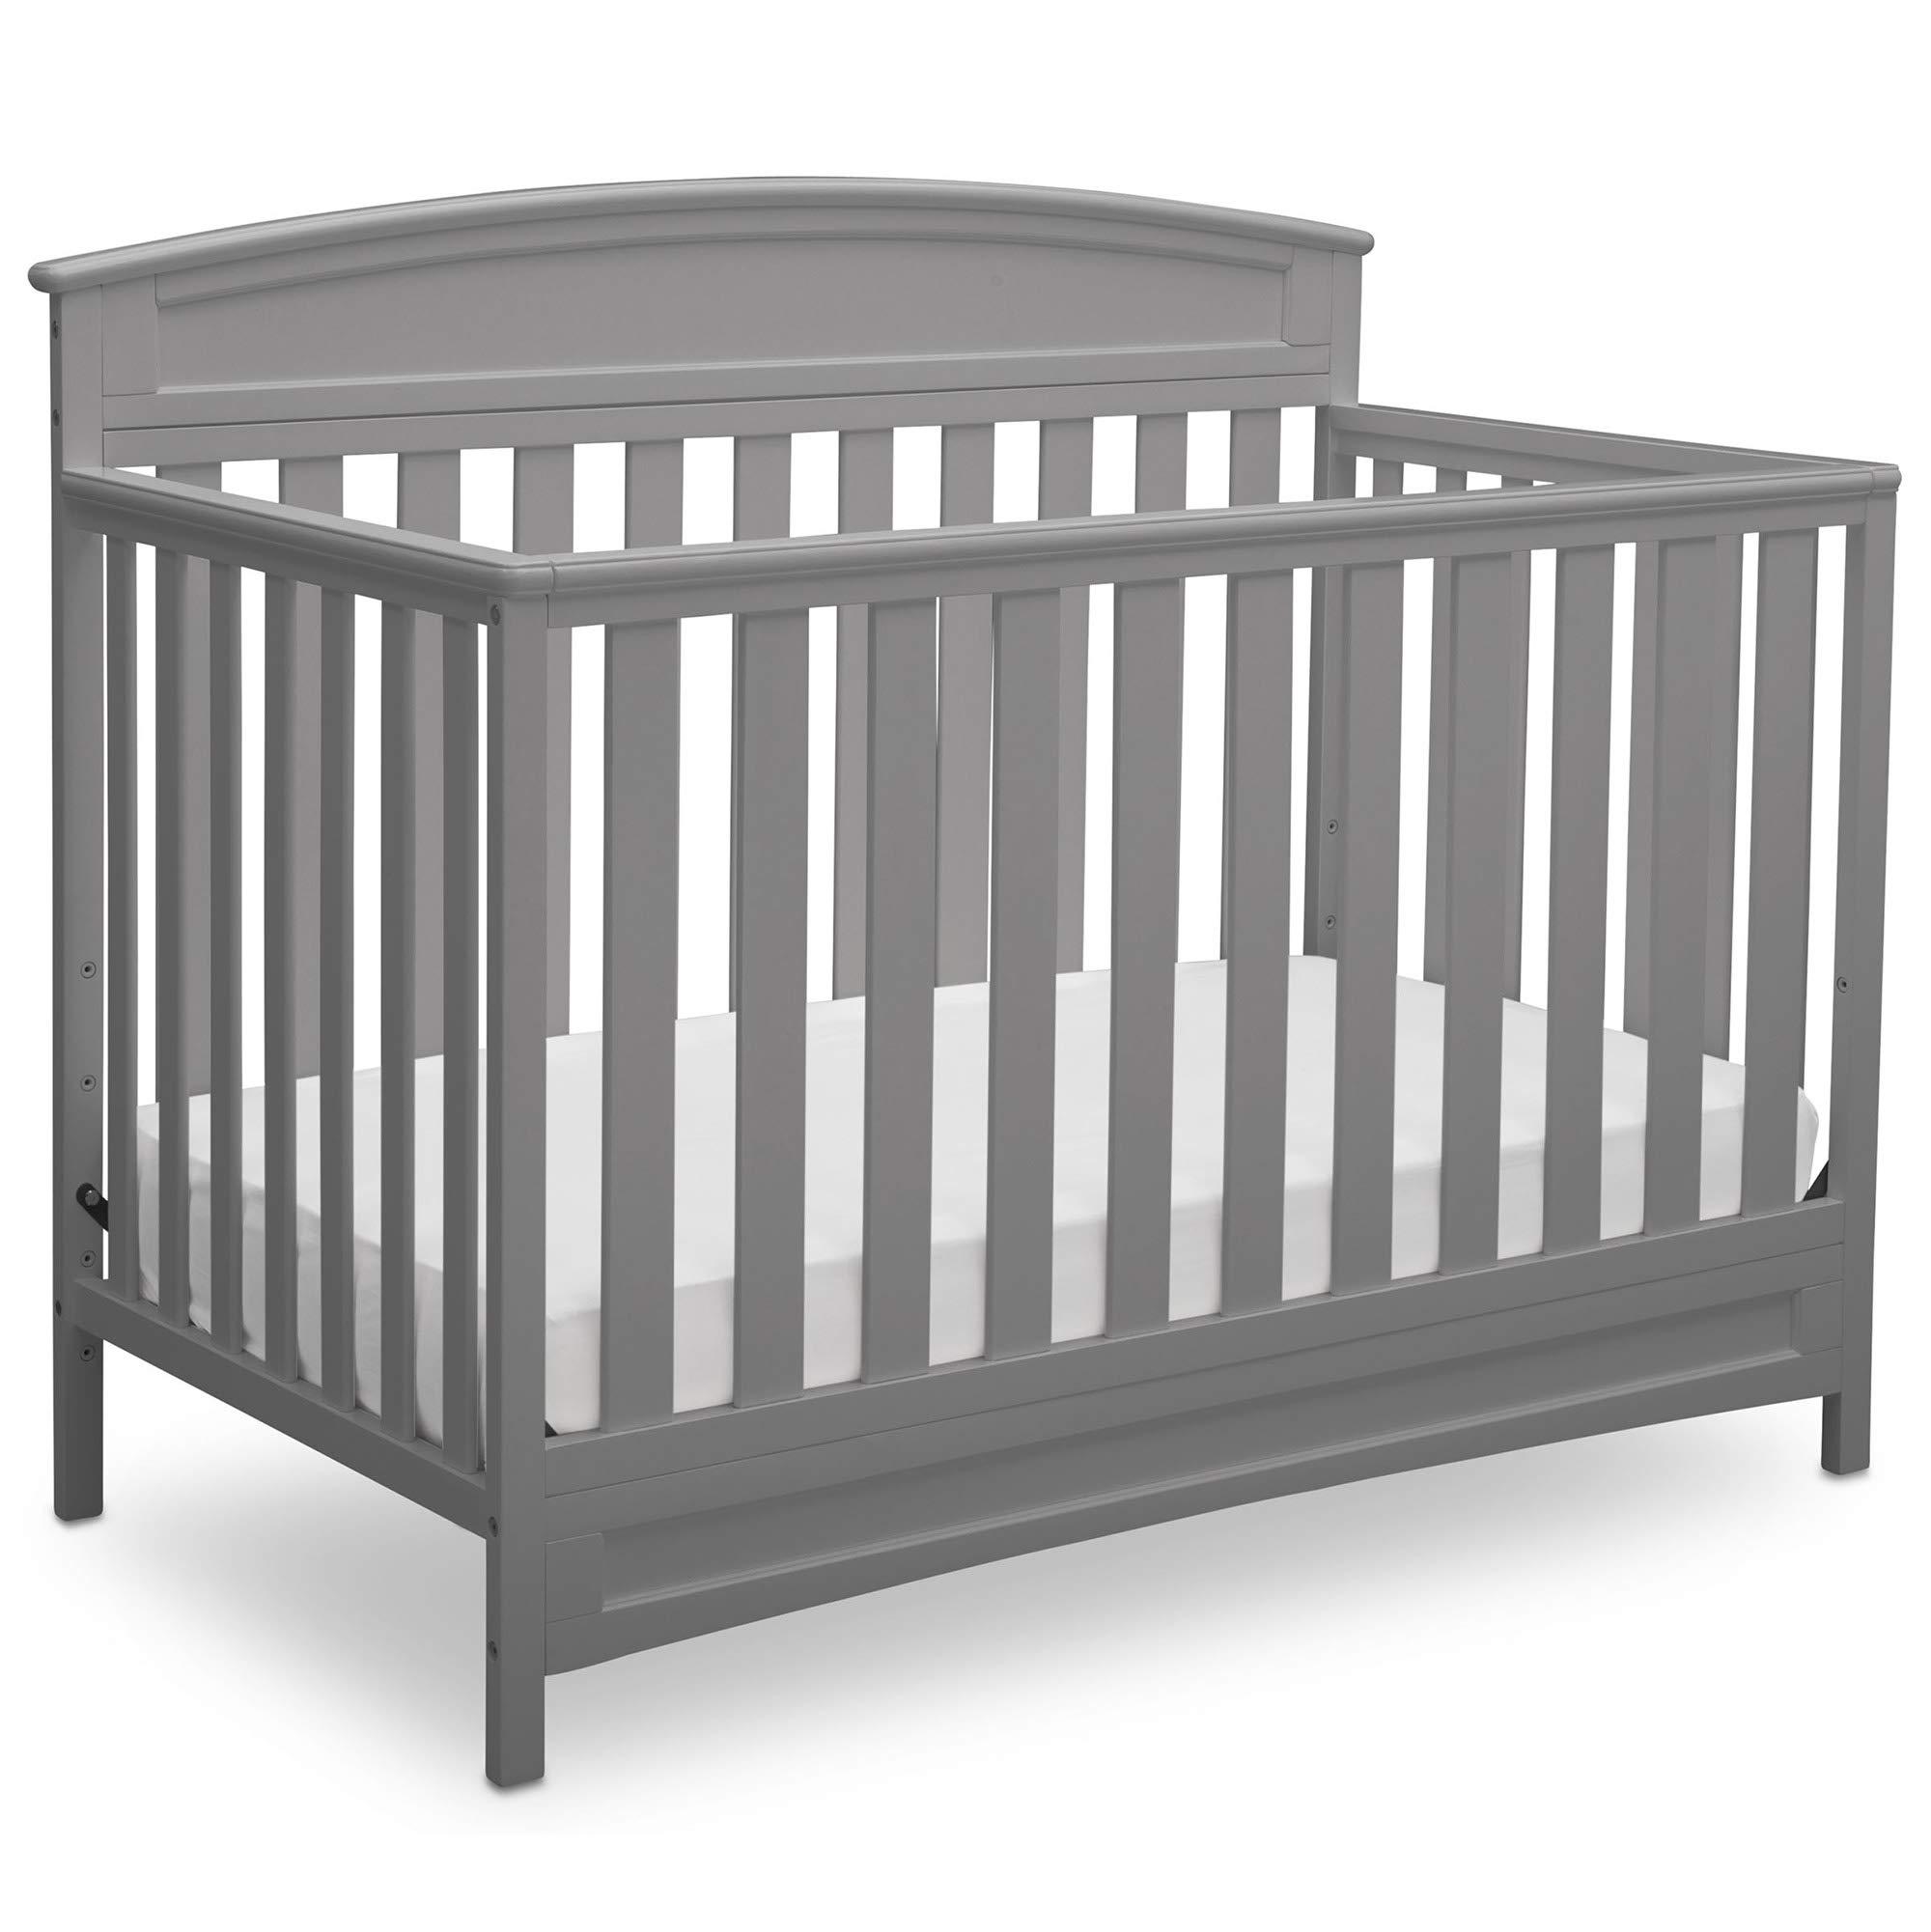 Delta Children Sutton 4-in-1 Convertible Baby Crib, Grey by Delta Children